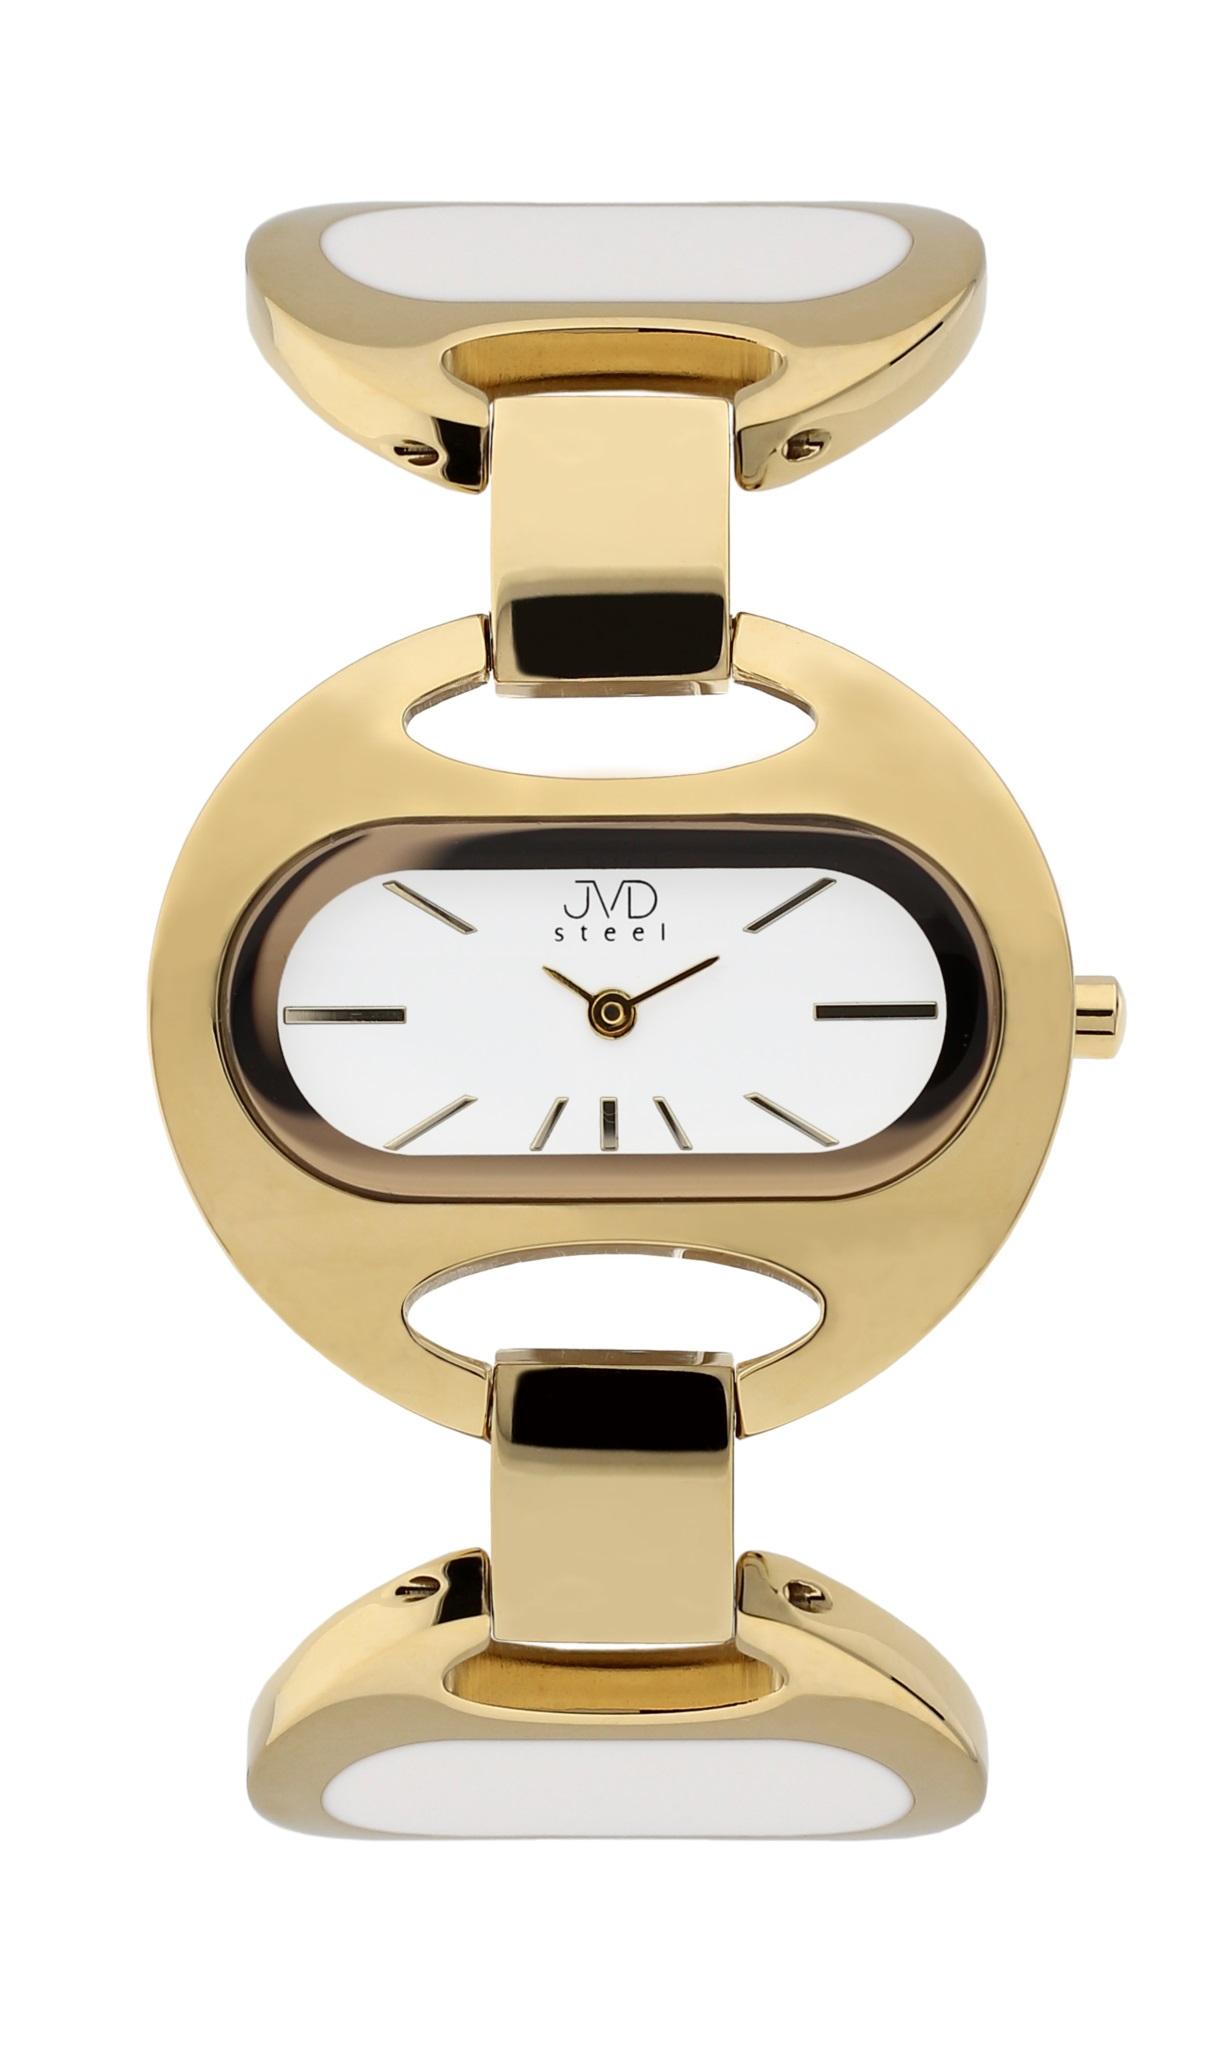 Luxusní dámské ocelové zlacené hodinky JVD steel J4118.3 - 5ATM (POŠTOVNÉ ZDARMA!!)